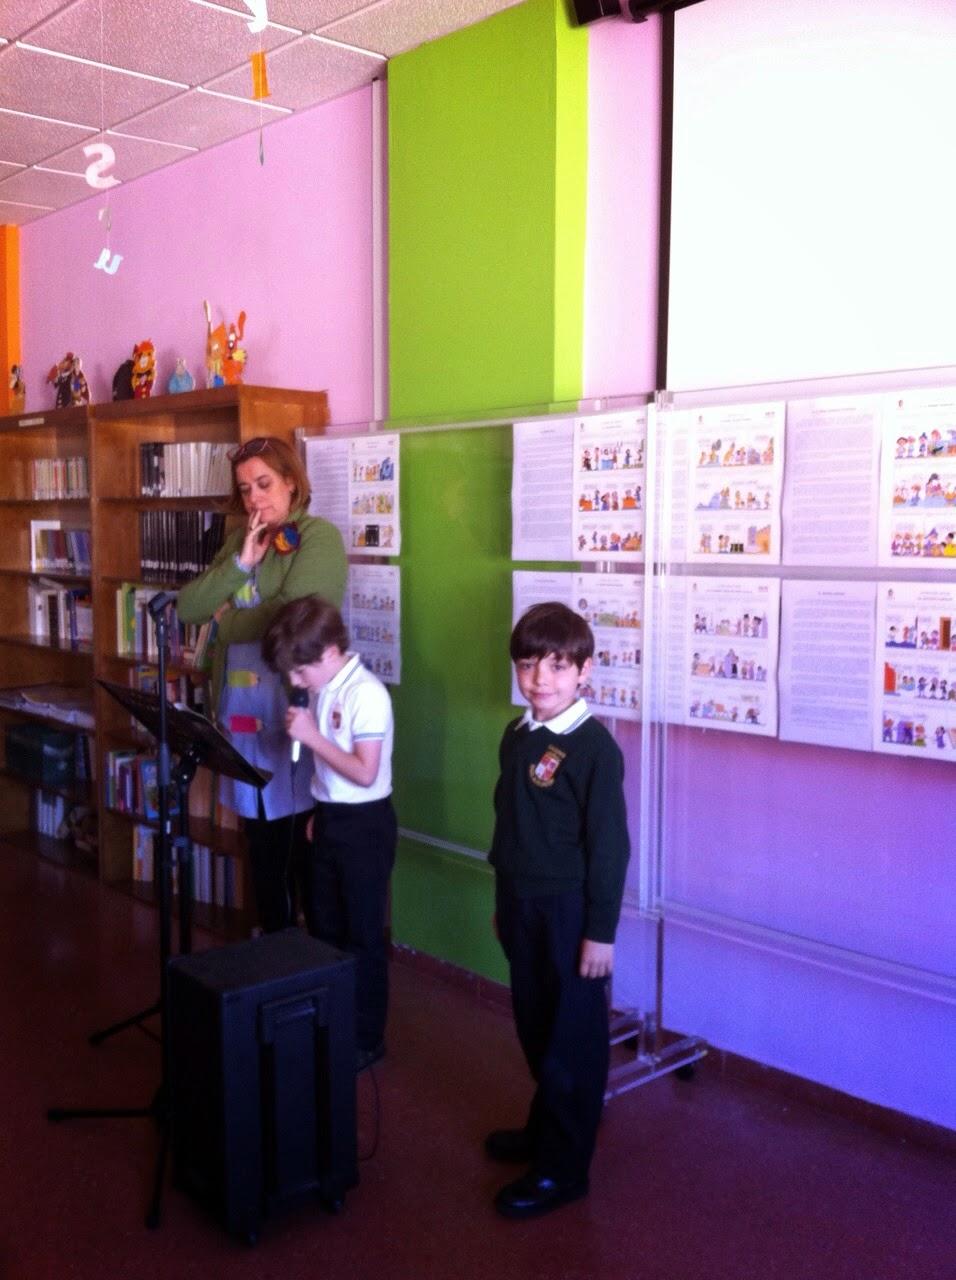 Poesias Para El Colegio Con 4 O 5 Estrofas | apexwallpapers.com